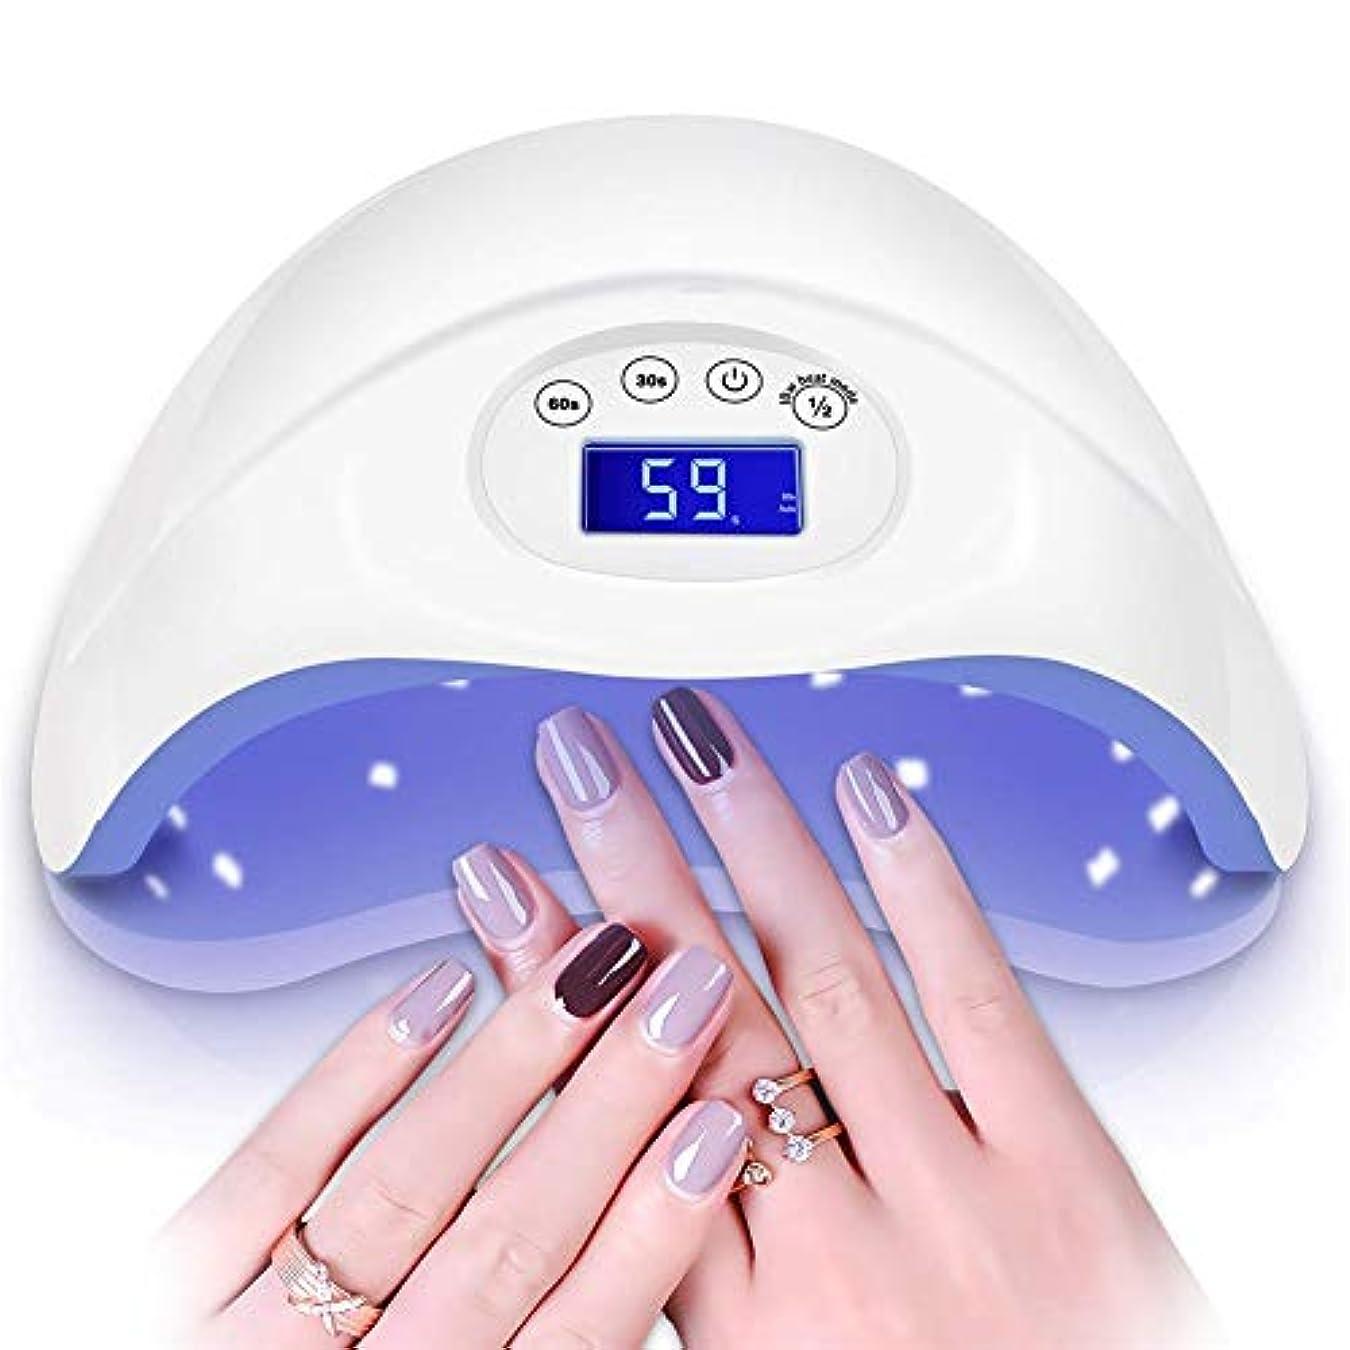 症候群月曜日チューインガム48W UVネイルランプ、自動センサーと爪または足の爪用のスイッチを備えたネイルドライヤー、ジェルネイル用のプロフェッショナルUVライト、サロンまたはネイル愛好家向けのタイマー設定